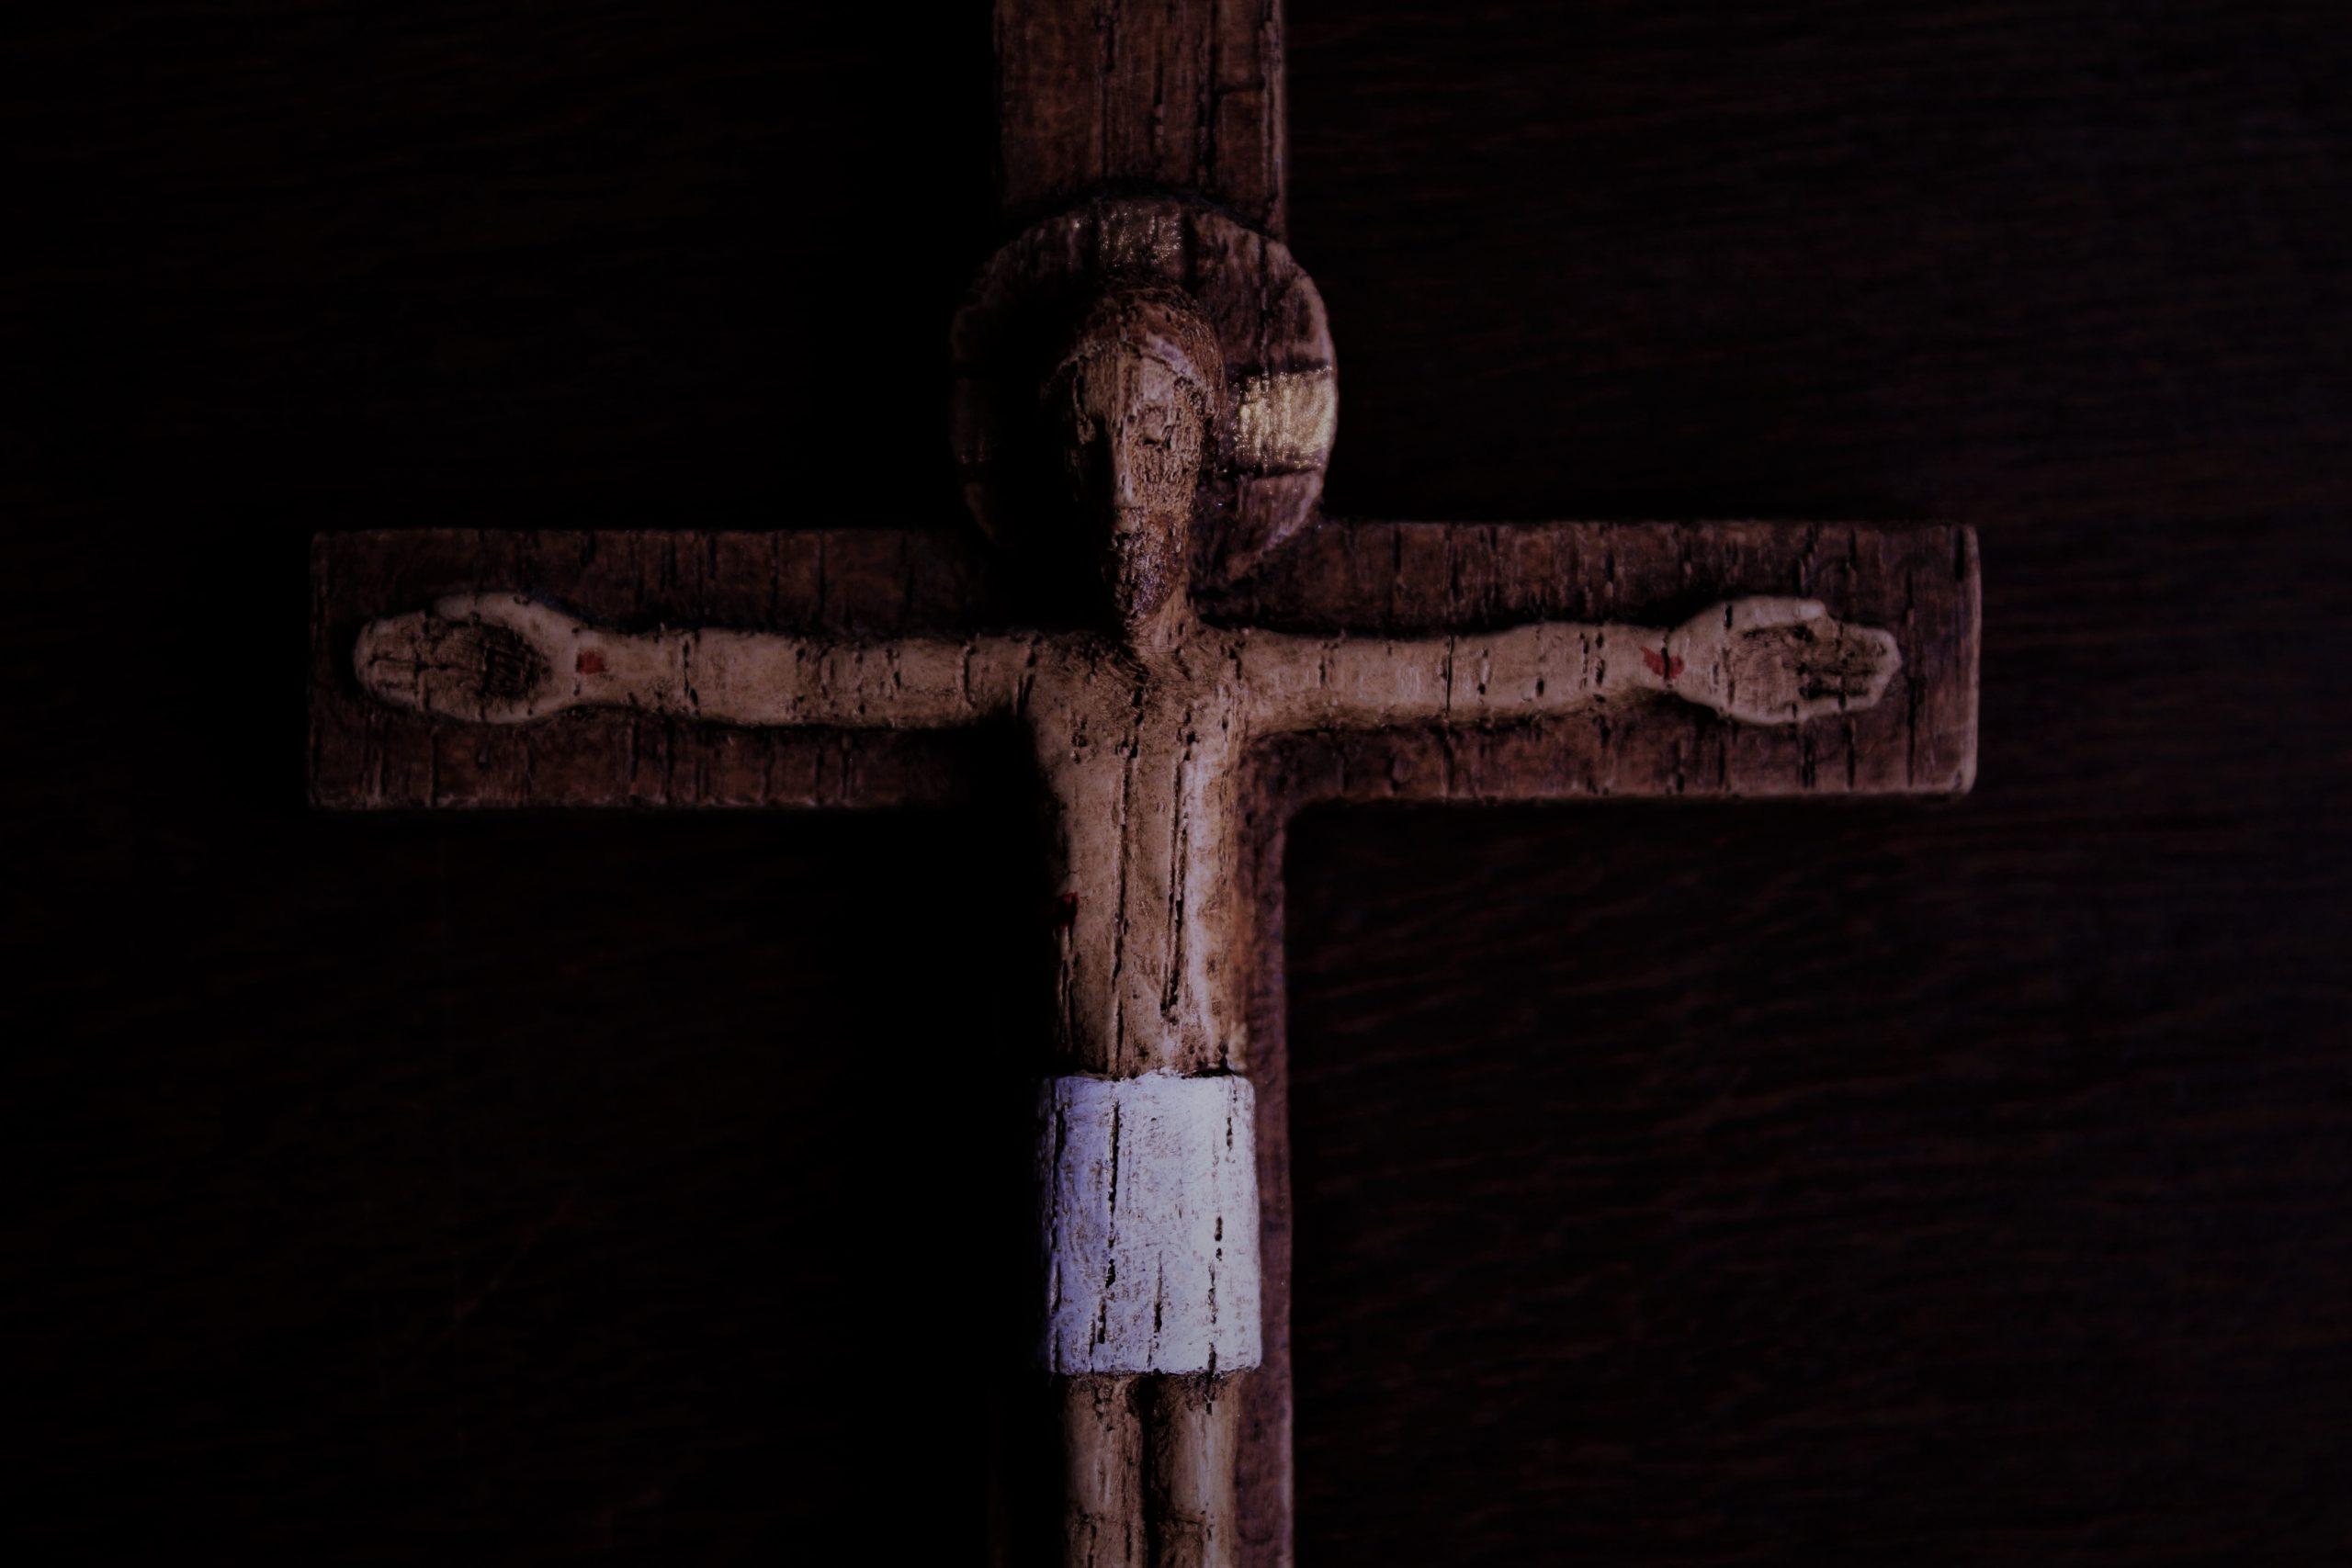 Glaubst du an die Auferstehung?